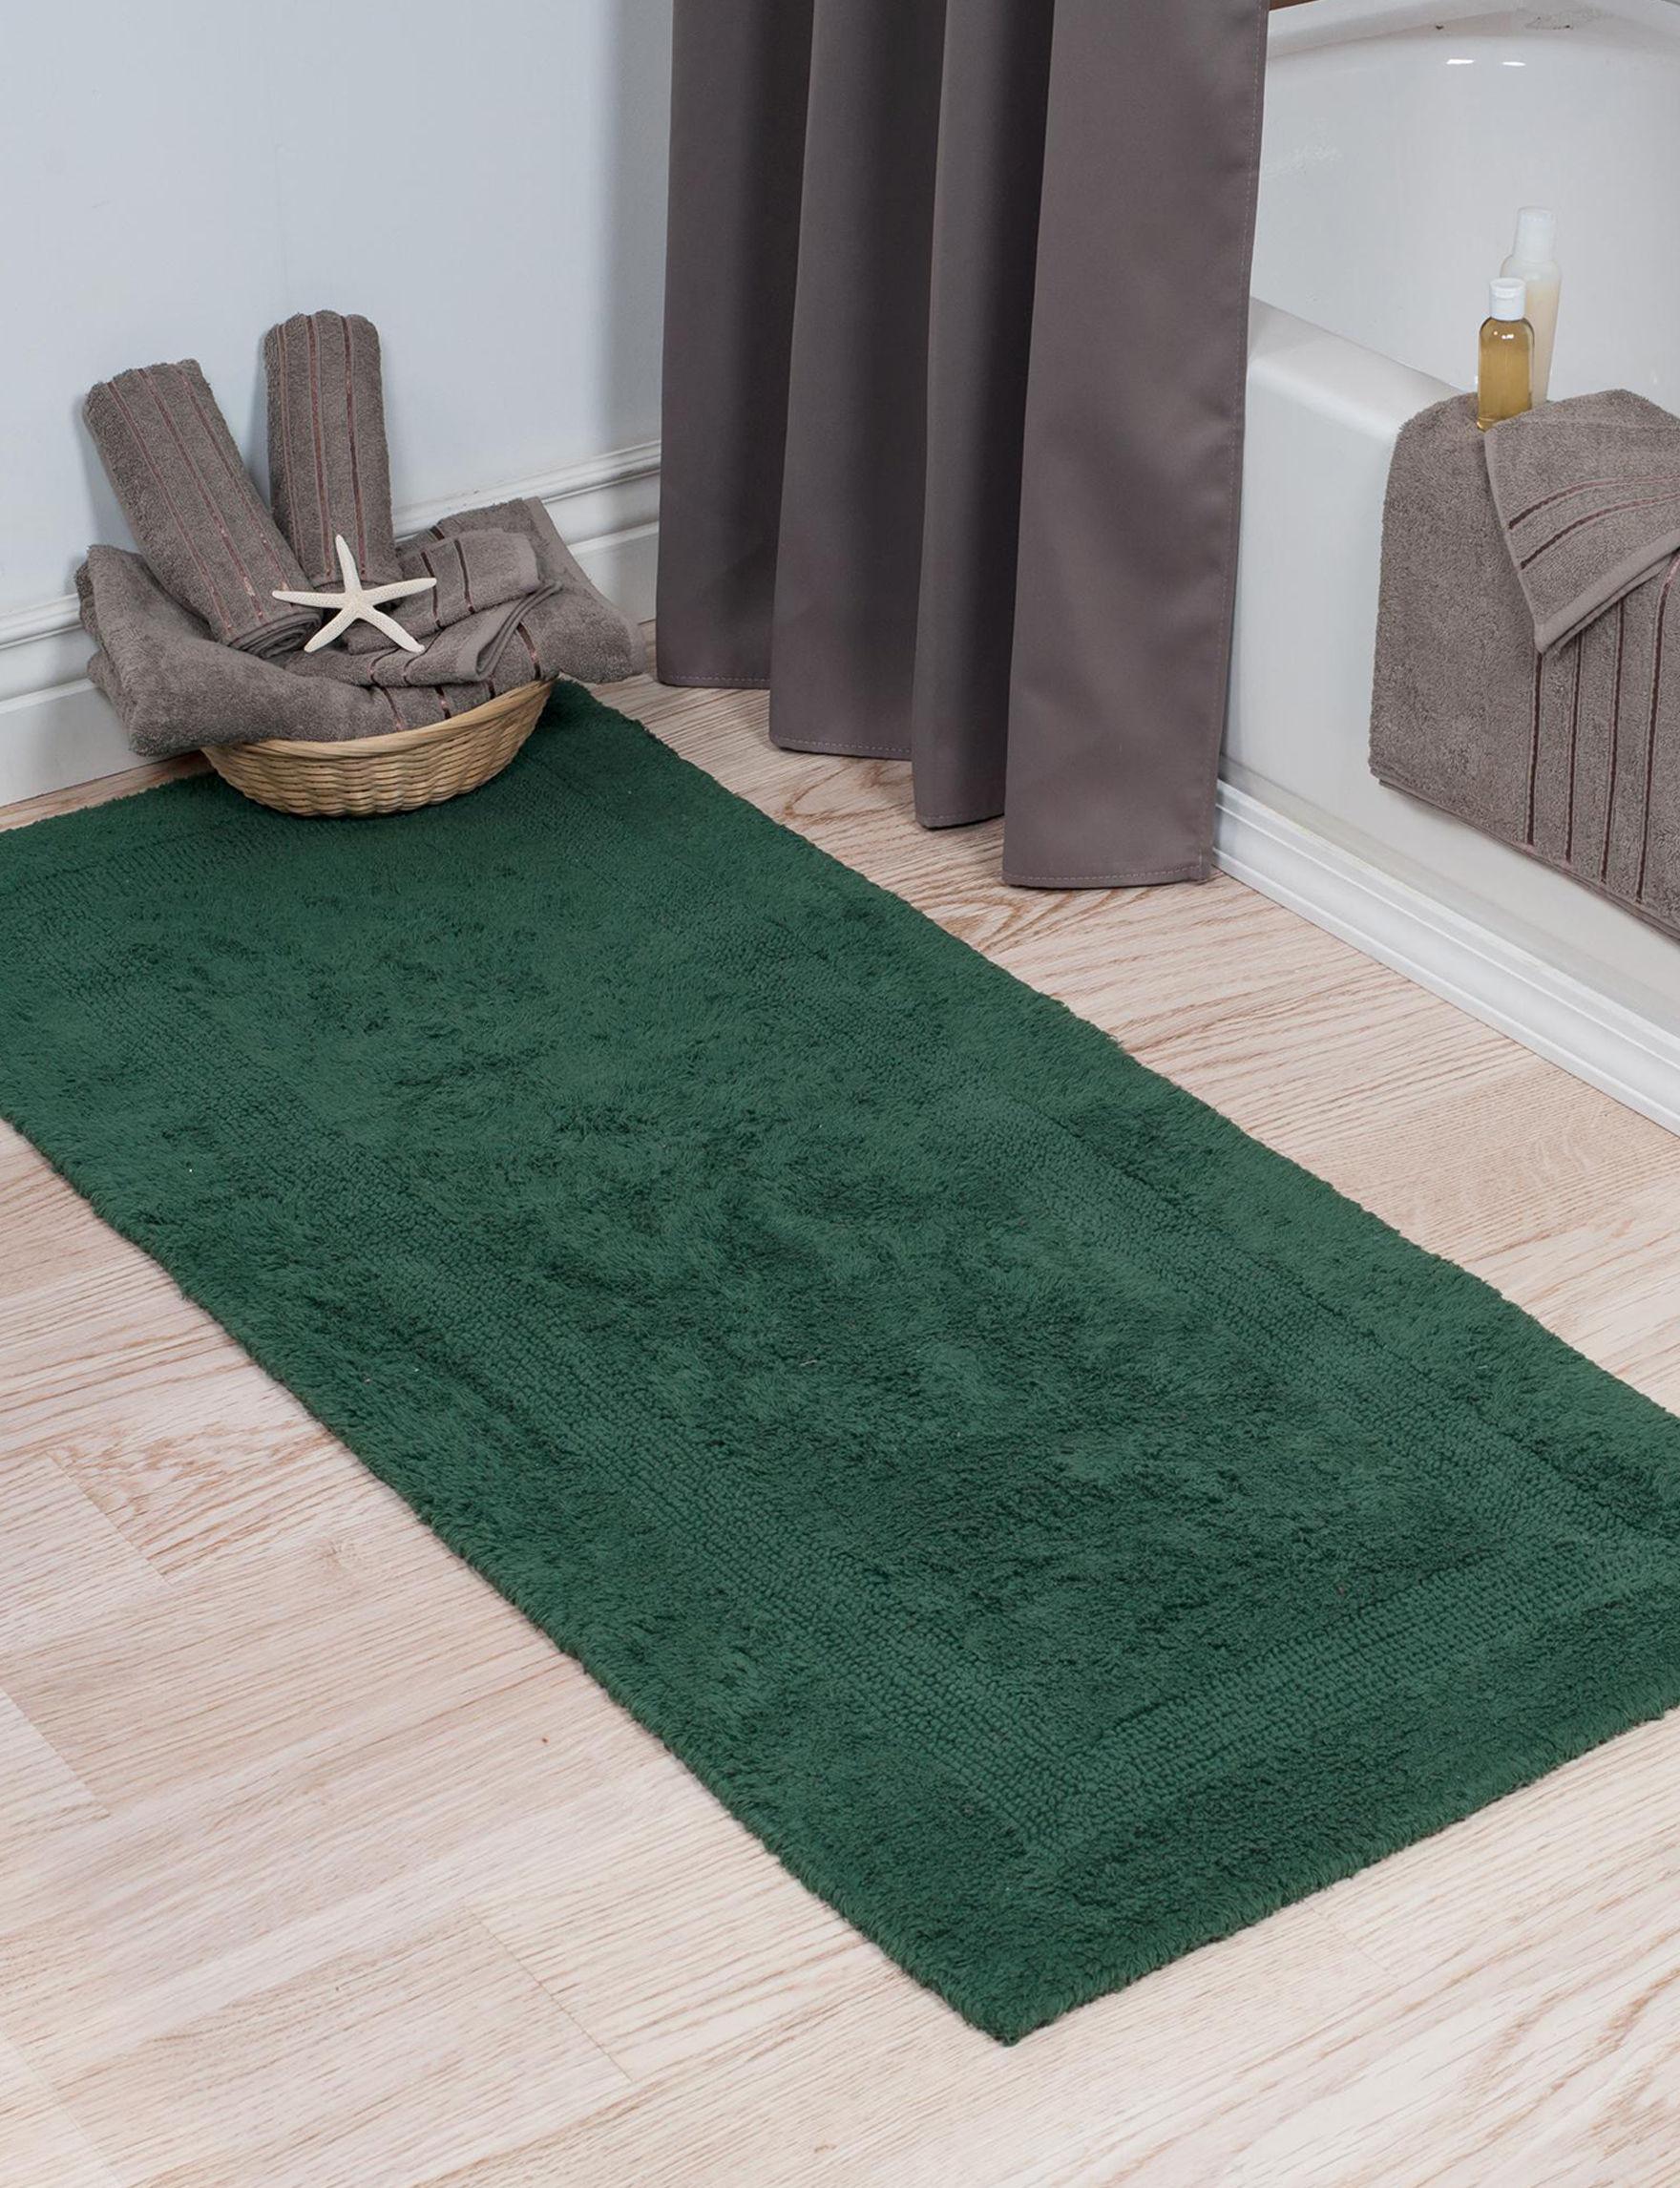 Lavish Home Green Bath Rugs & Mats